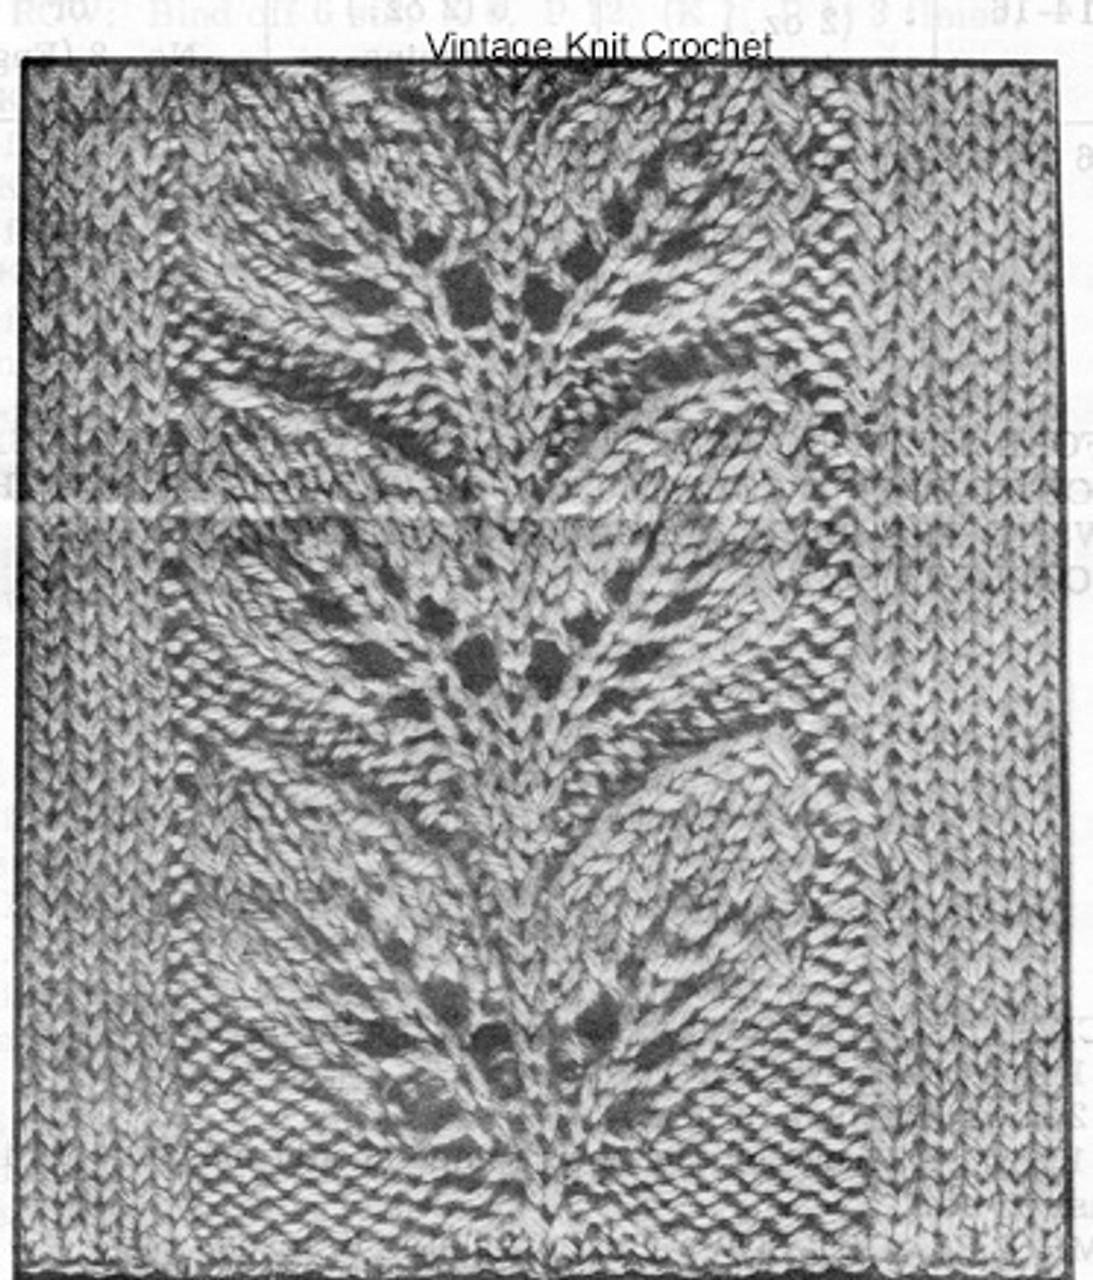 Leaf Motif Knitted Illustration